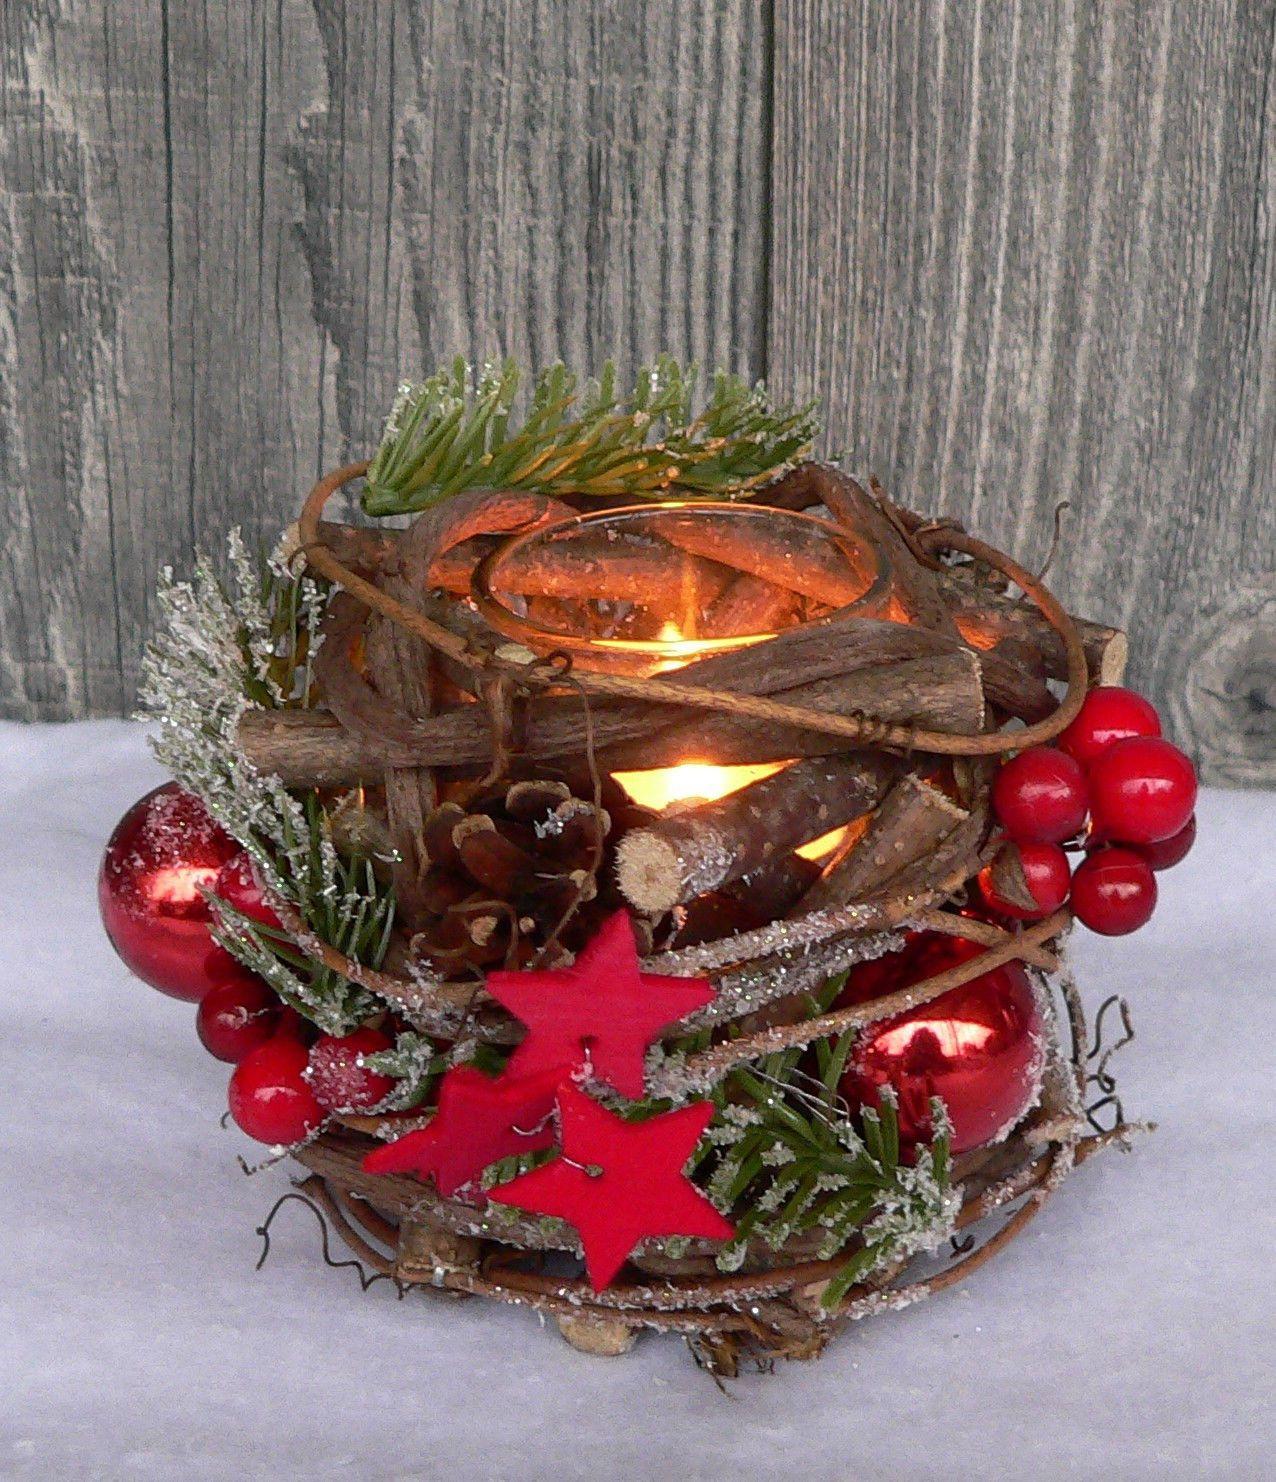 holzkranz tischdeko windlicht advent adventskranz weihnachten holz glas rot gr n for sale eur. Black Bedroom Furniture Sets. Home Design Ideas